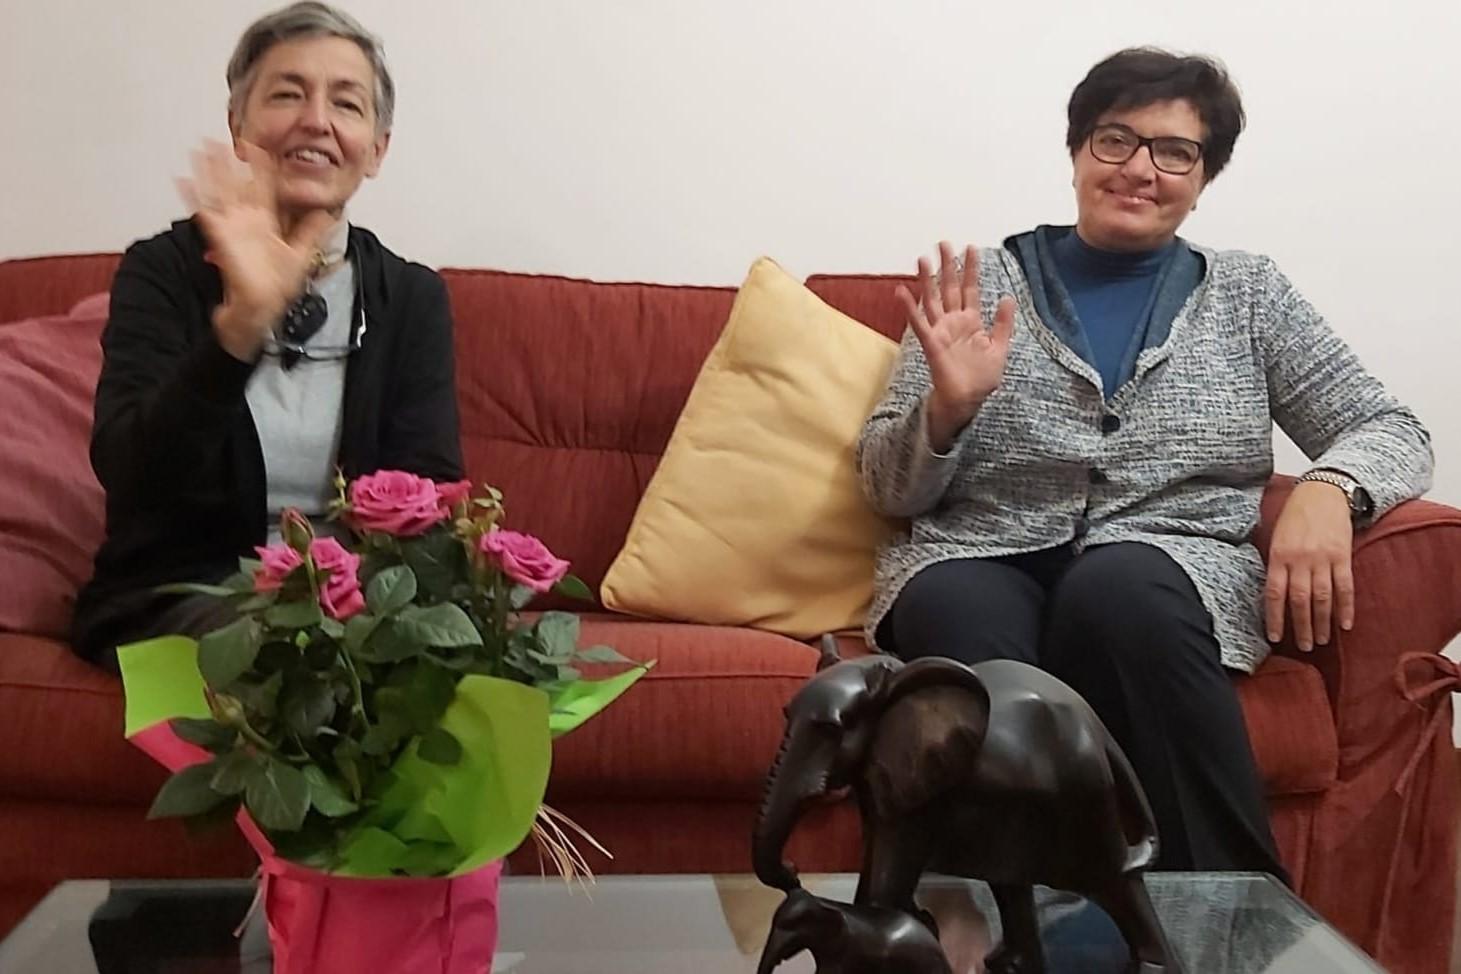 Donata e Rosanna